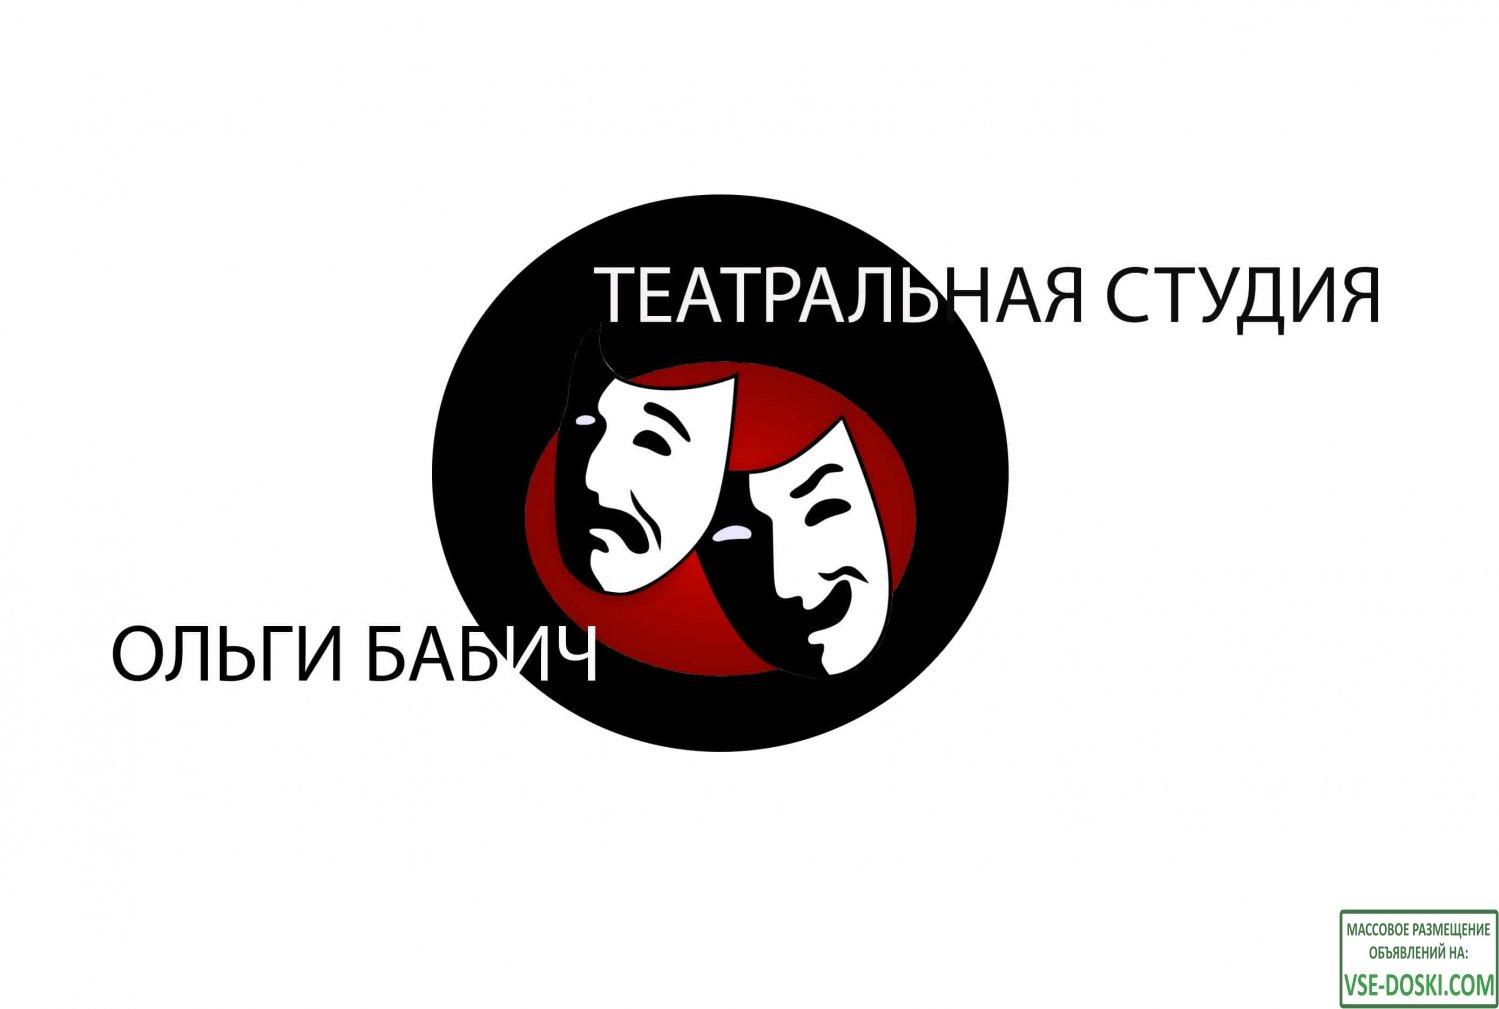 театральная студия Ольги Бабич - 1/2